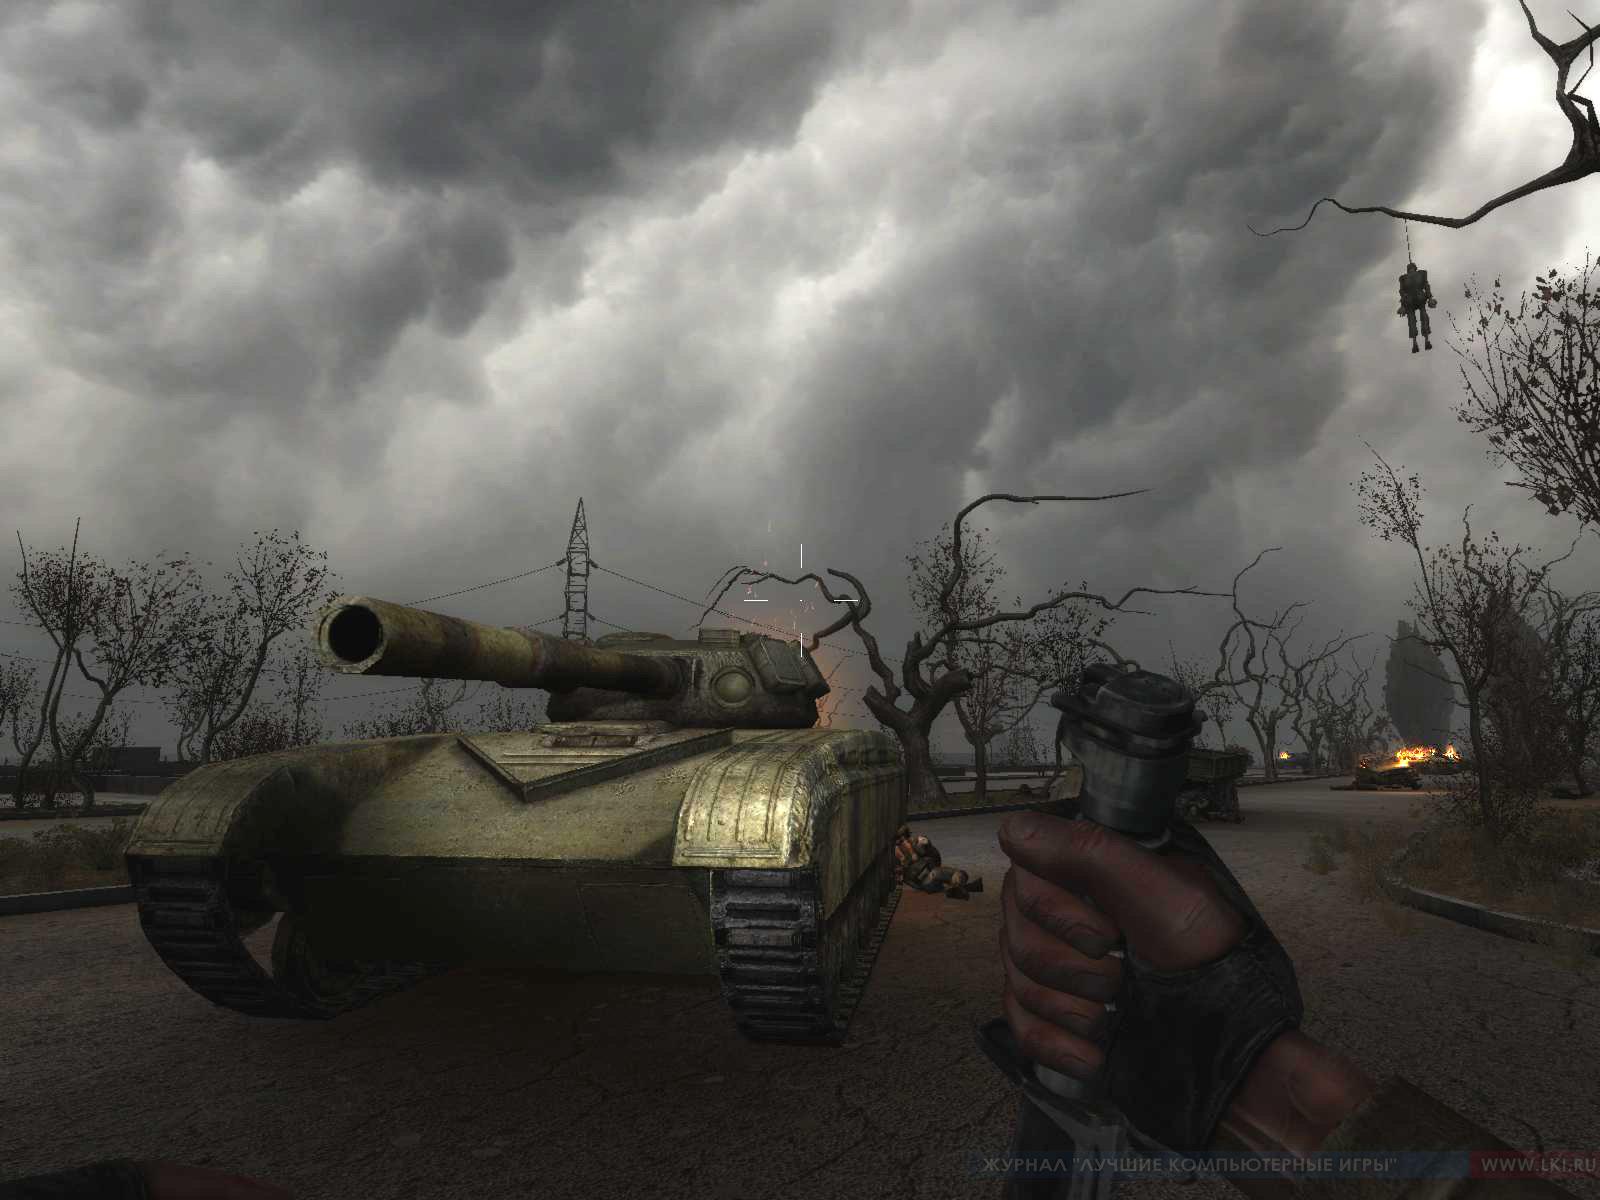 Потрясающие танковые сражения в формате настольной стратегической игры